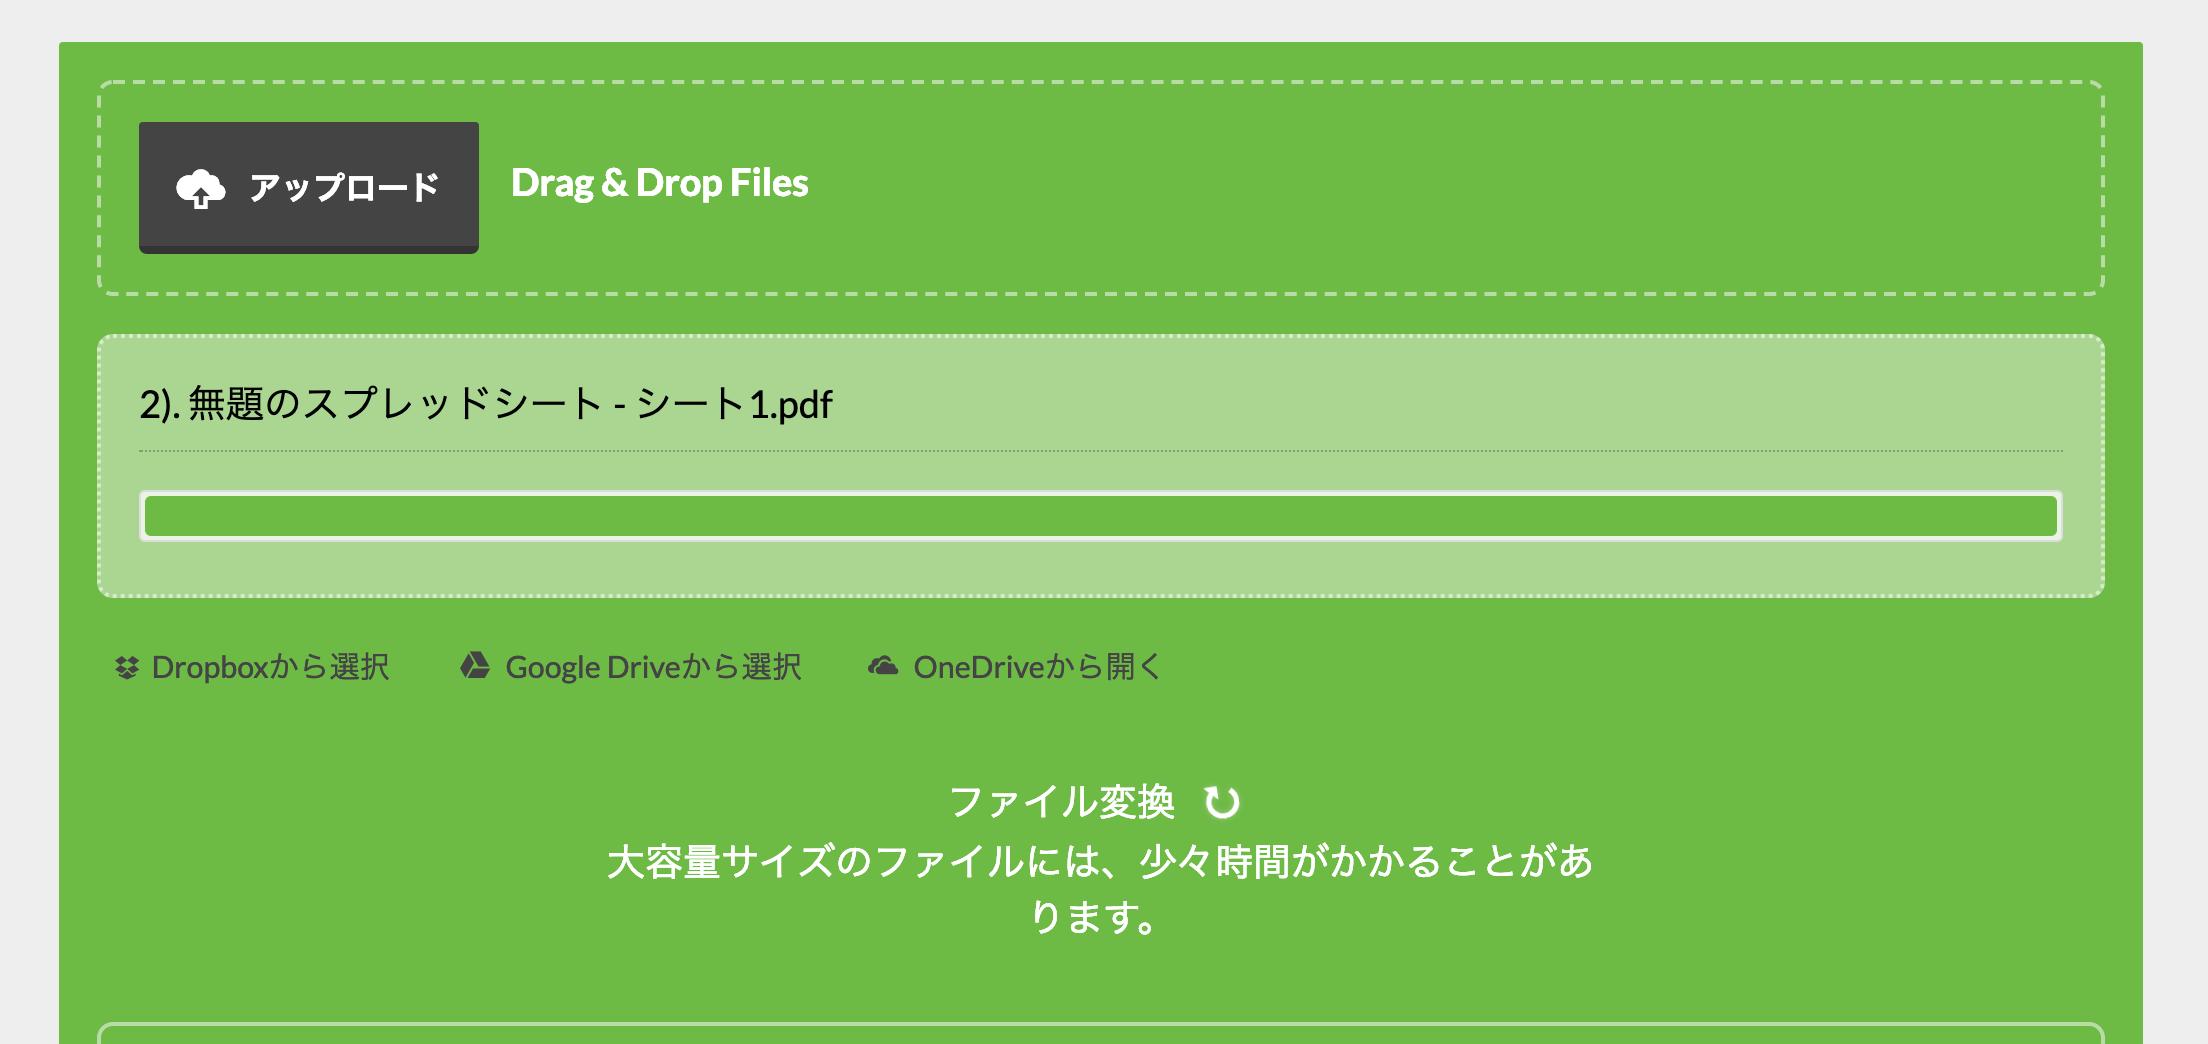 エクセル pdf 変換 オンライン